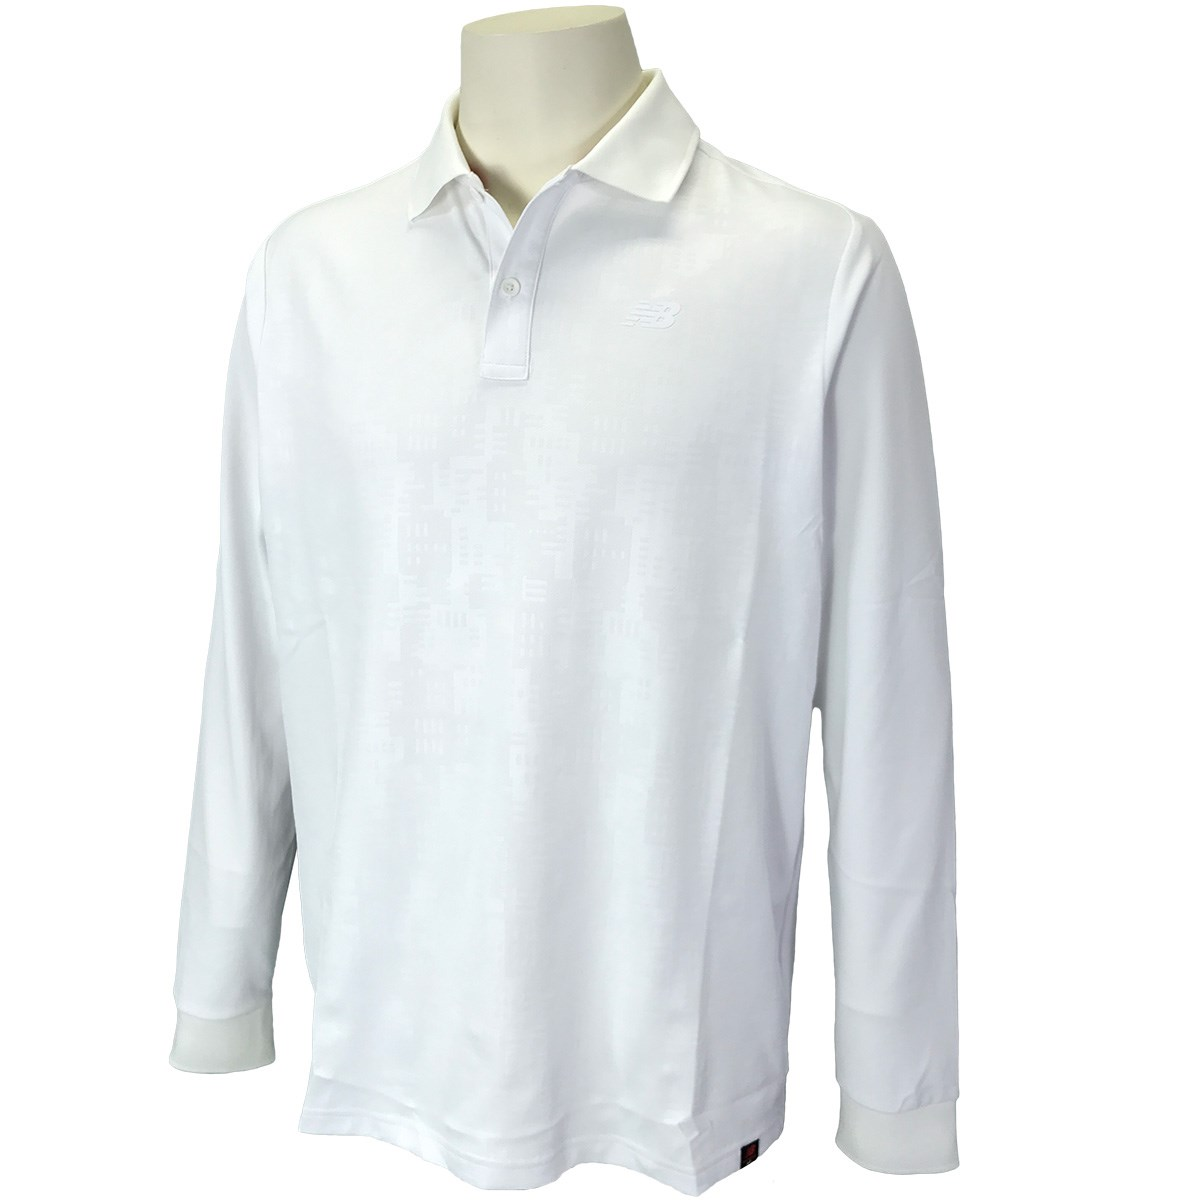 ニューバランス New Balance SPORT 長袖ポロシャツ 6 ホワイト 030